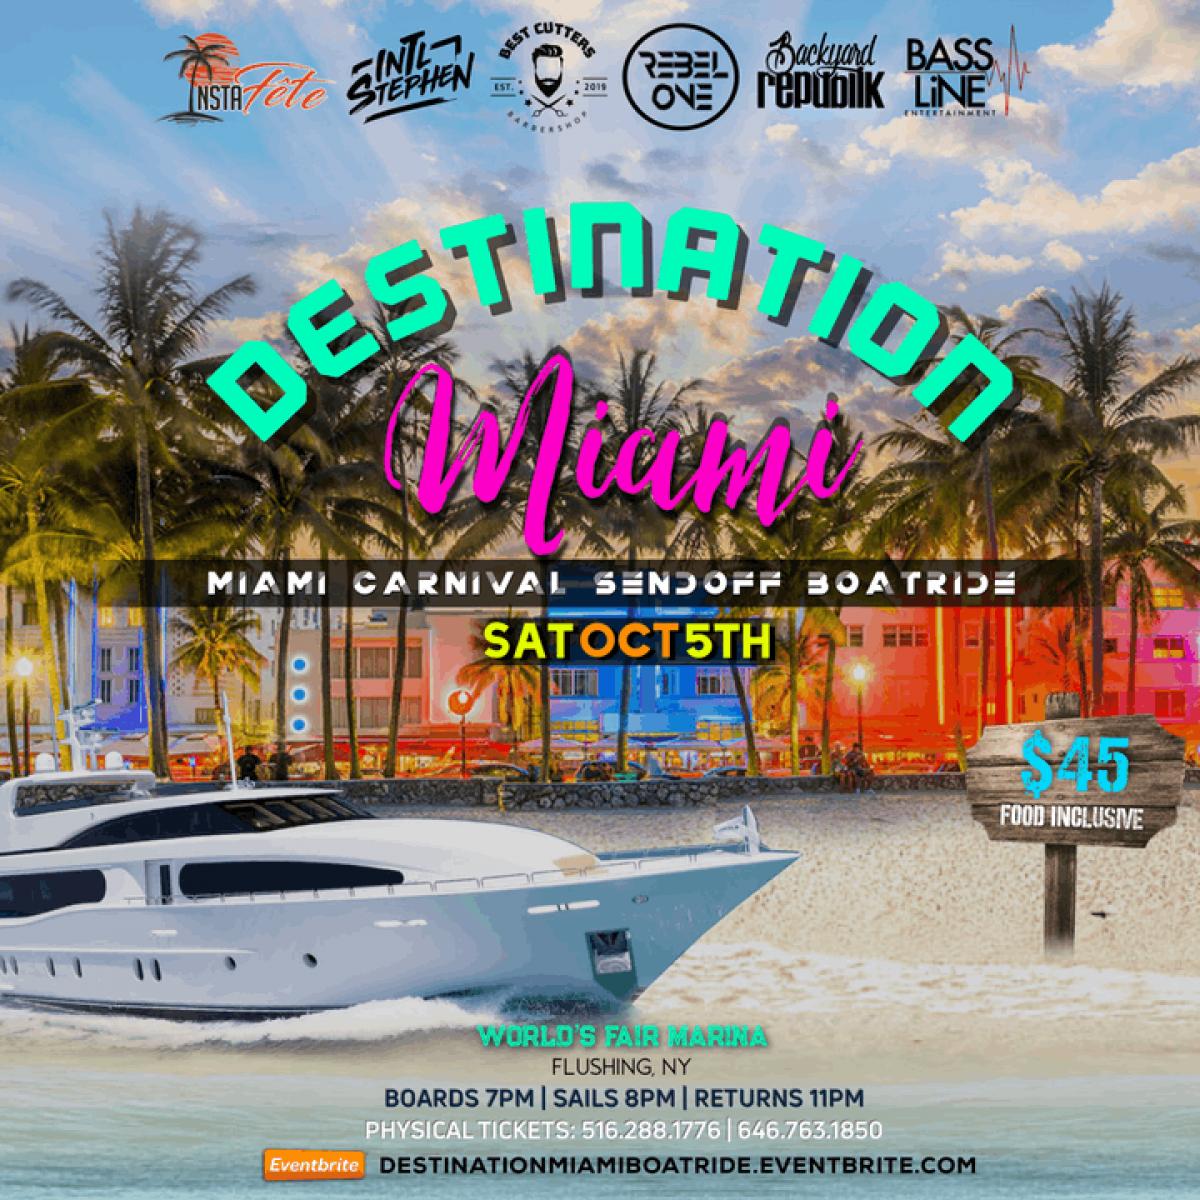 Destination Miami flyer or graphic.